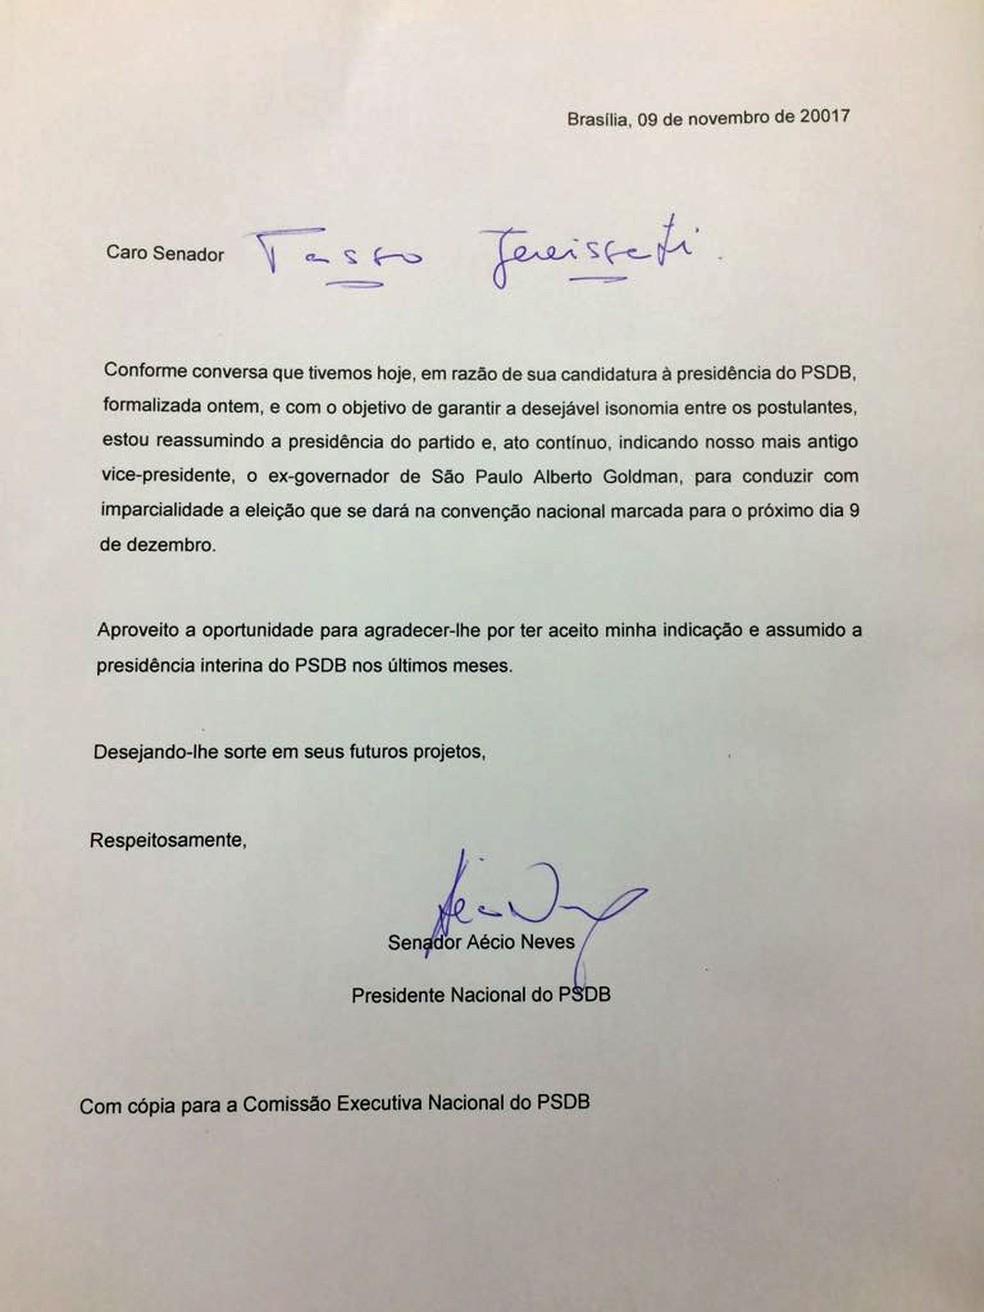 Carta enviada por Aécio Neves destituindo Tasso Jereissati da presidência do PSDB (Foto: Reprodução)